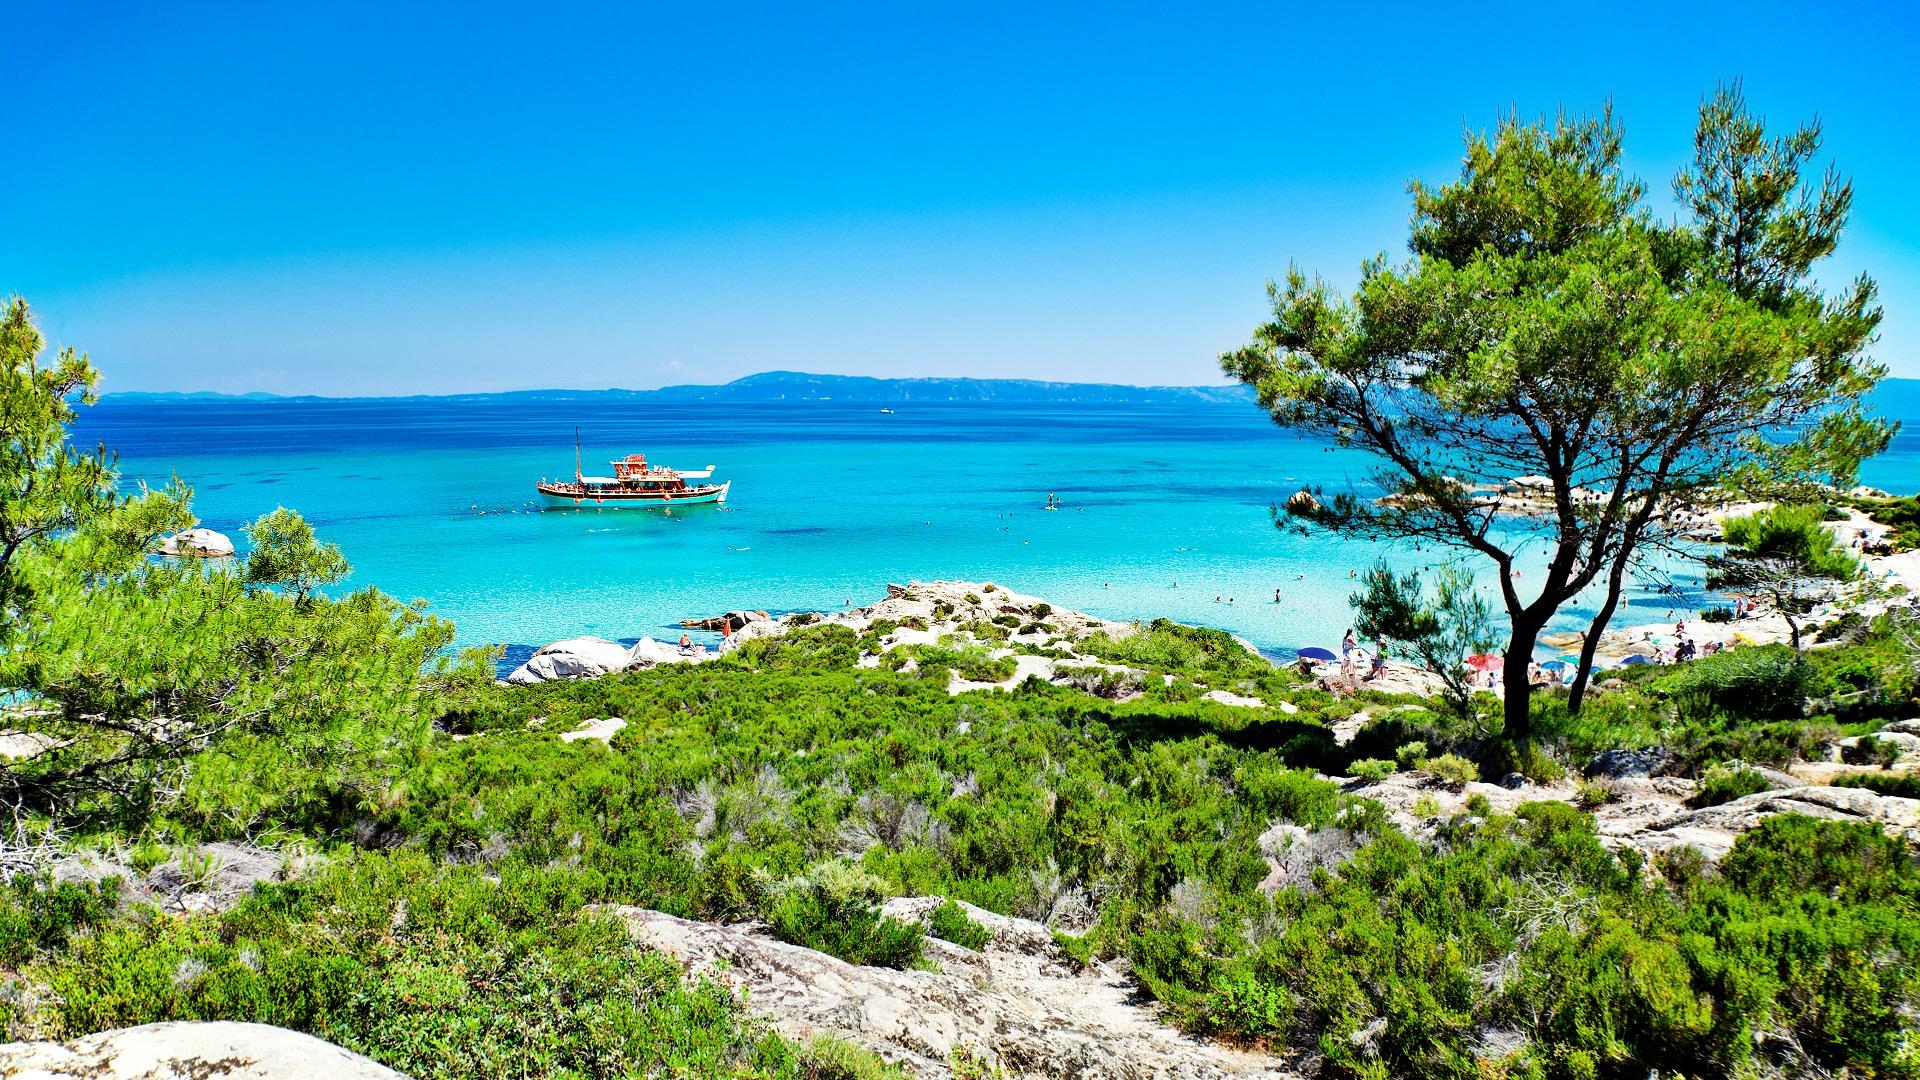 Een panorama van Portokali (Orange) Beach in Sithonia, Halkidiki, Griekenland met een toeristische schip. De oorspronkelijke naam is Kavourotripes